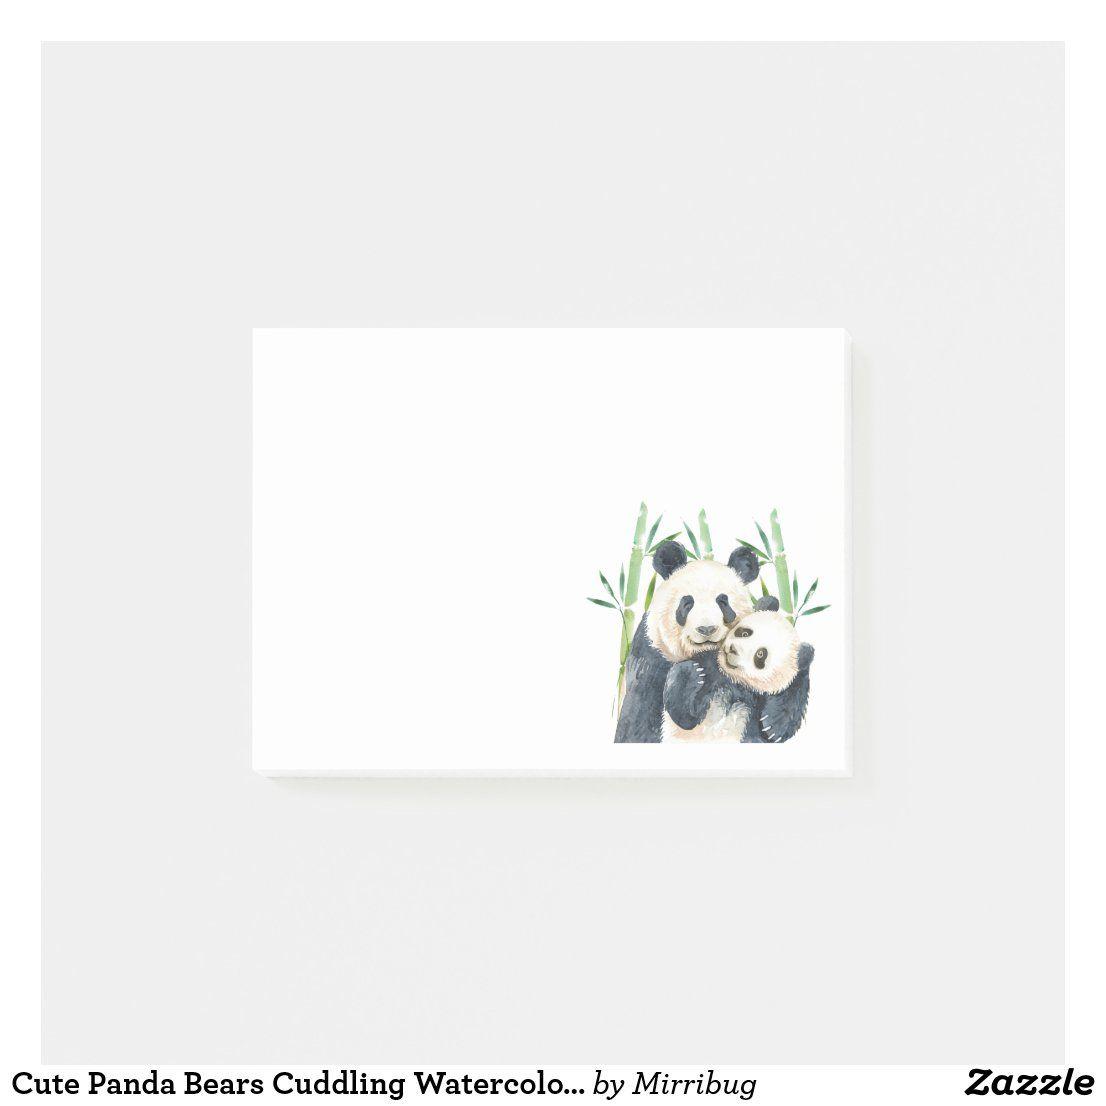 Cute Panda Bears Cuddling Watercolor Post-it Notes